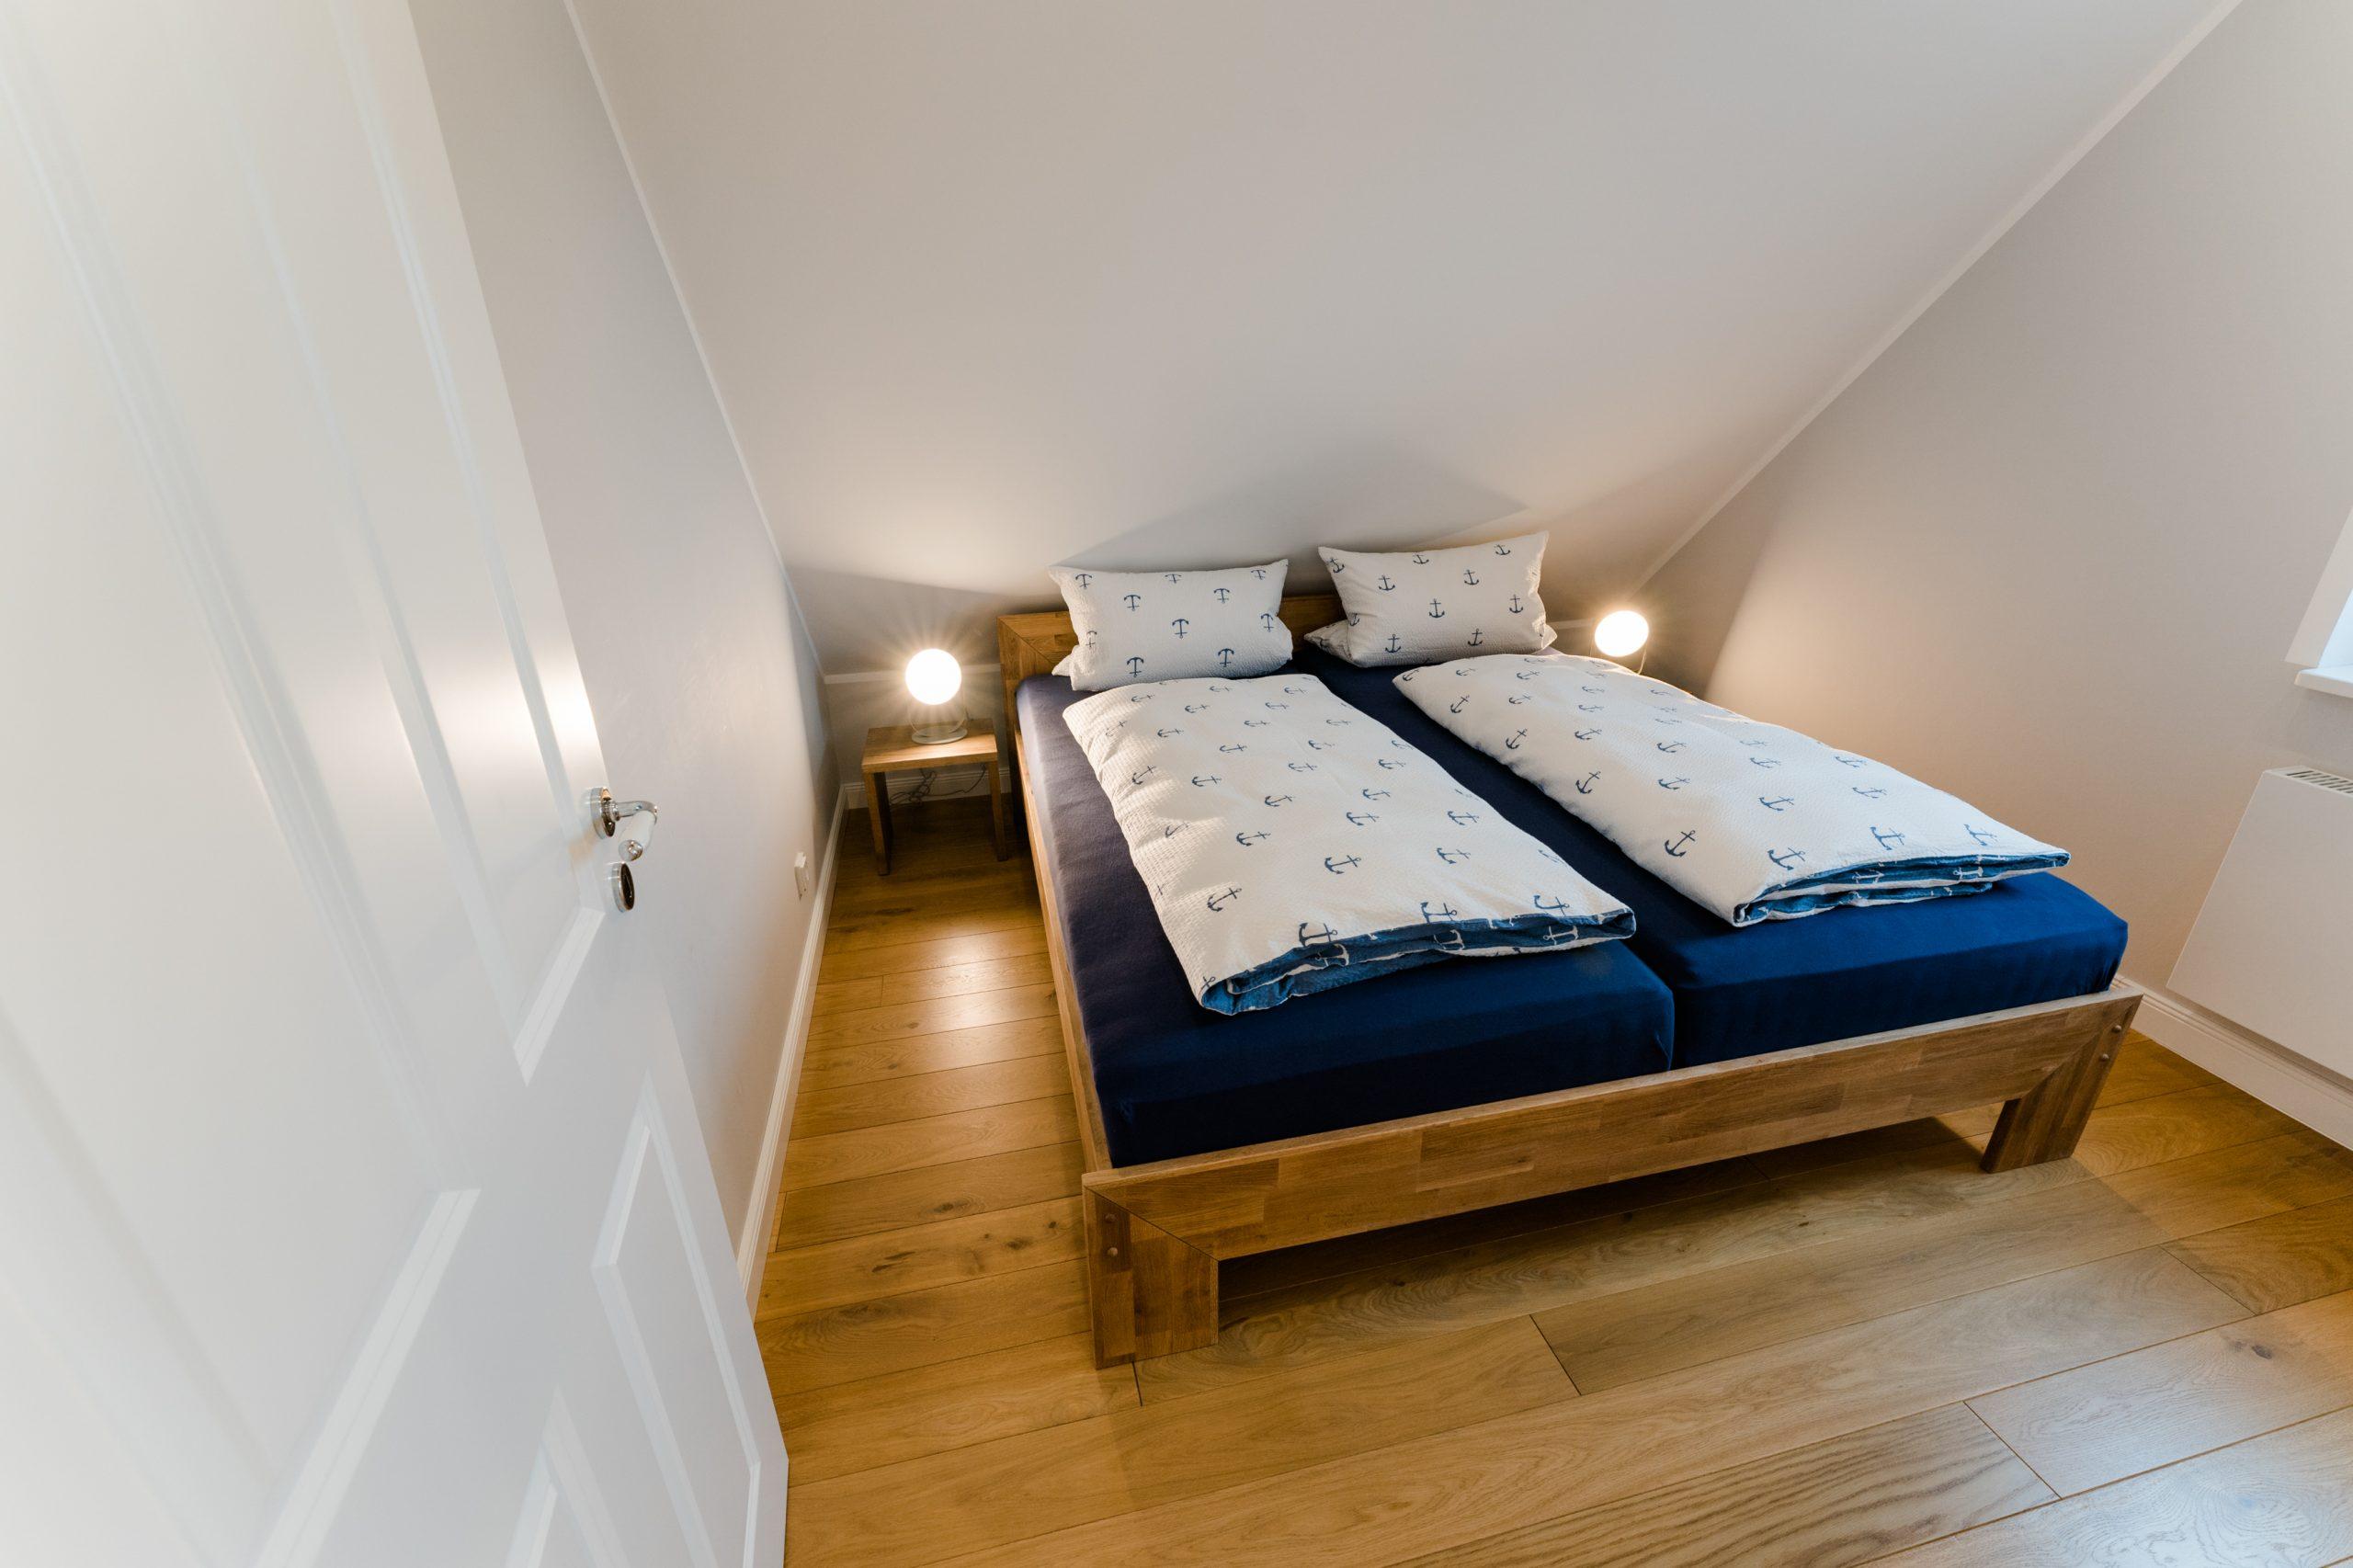 Ferienhaus Sjuts_Doppelzimmer im OG